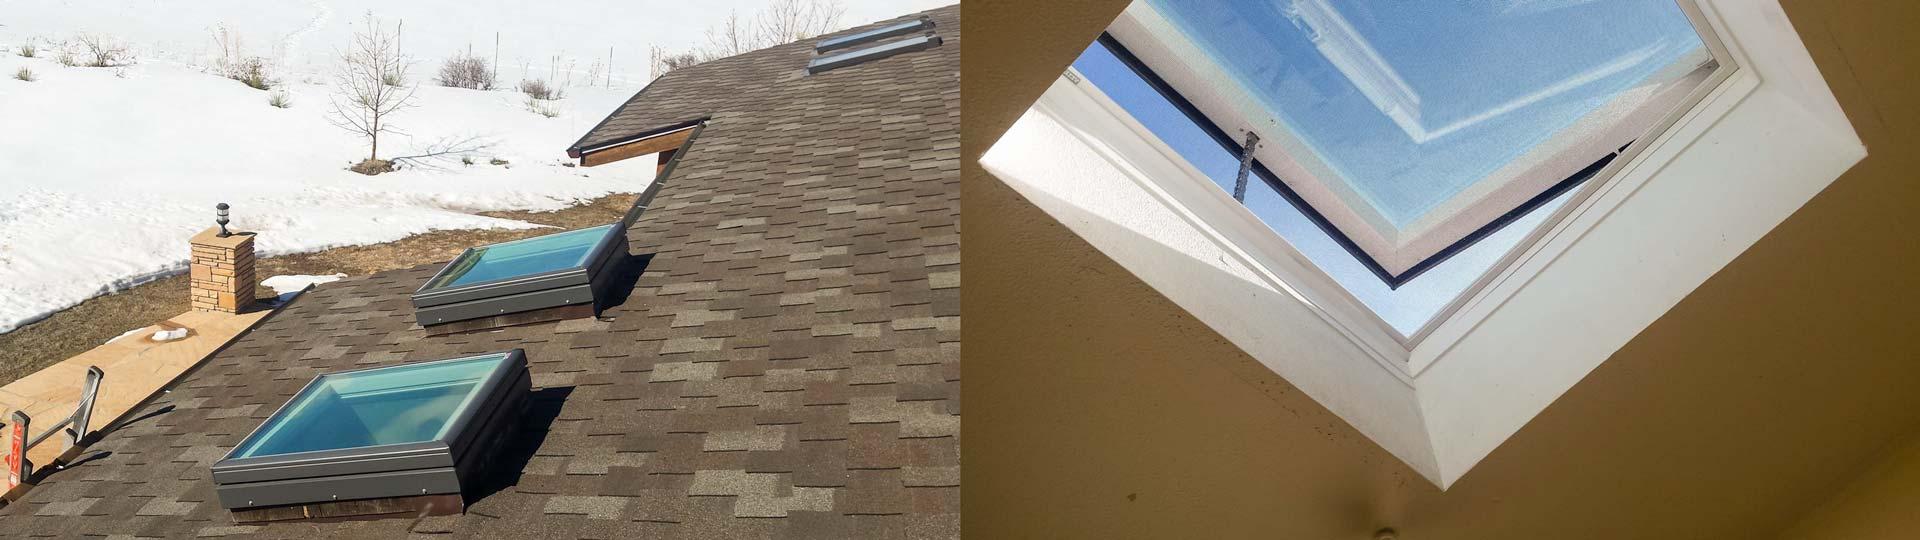 velux vcs skylight-